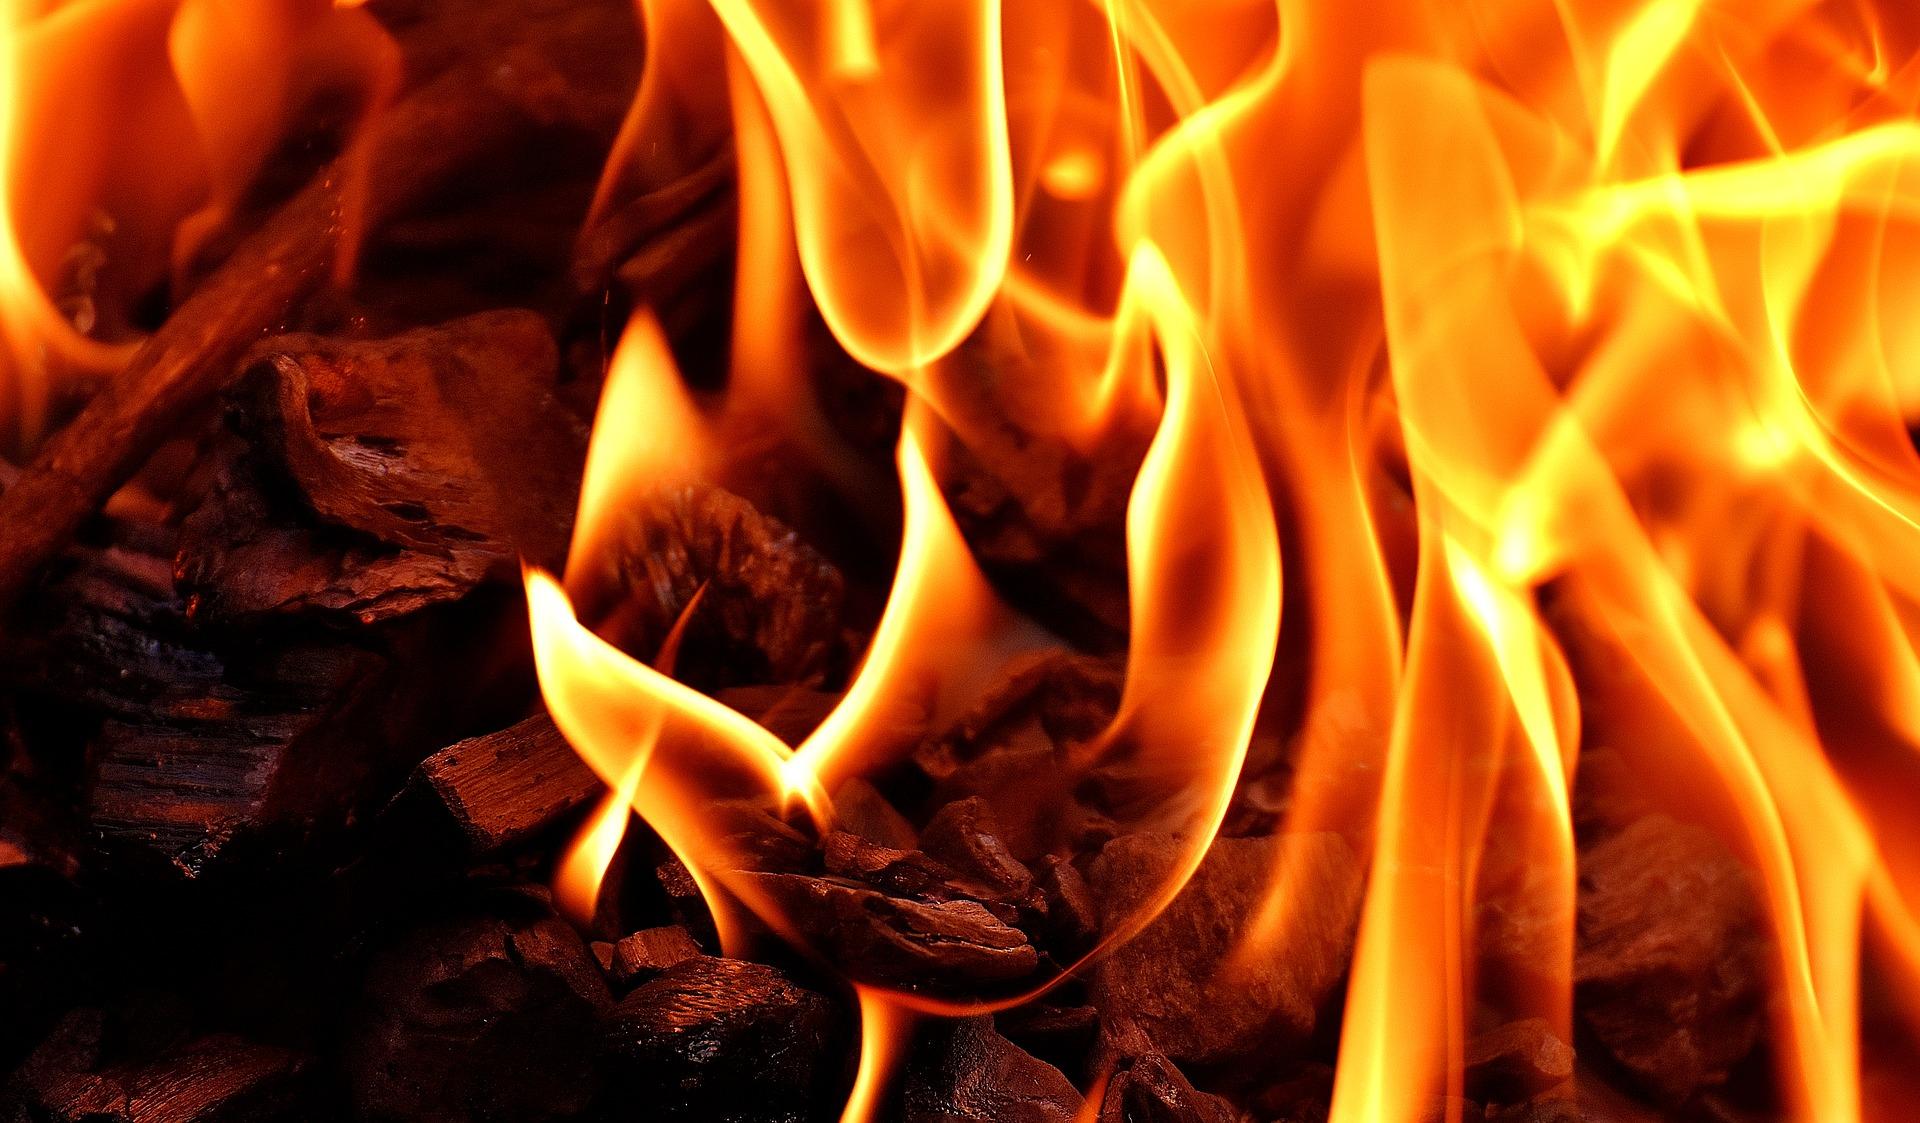 Neue Kleidung wird verbrannt